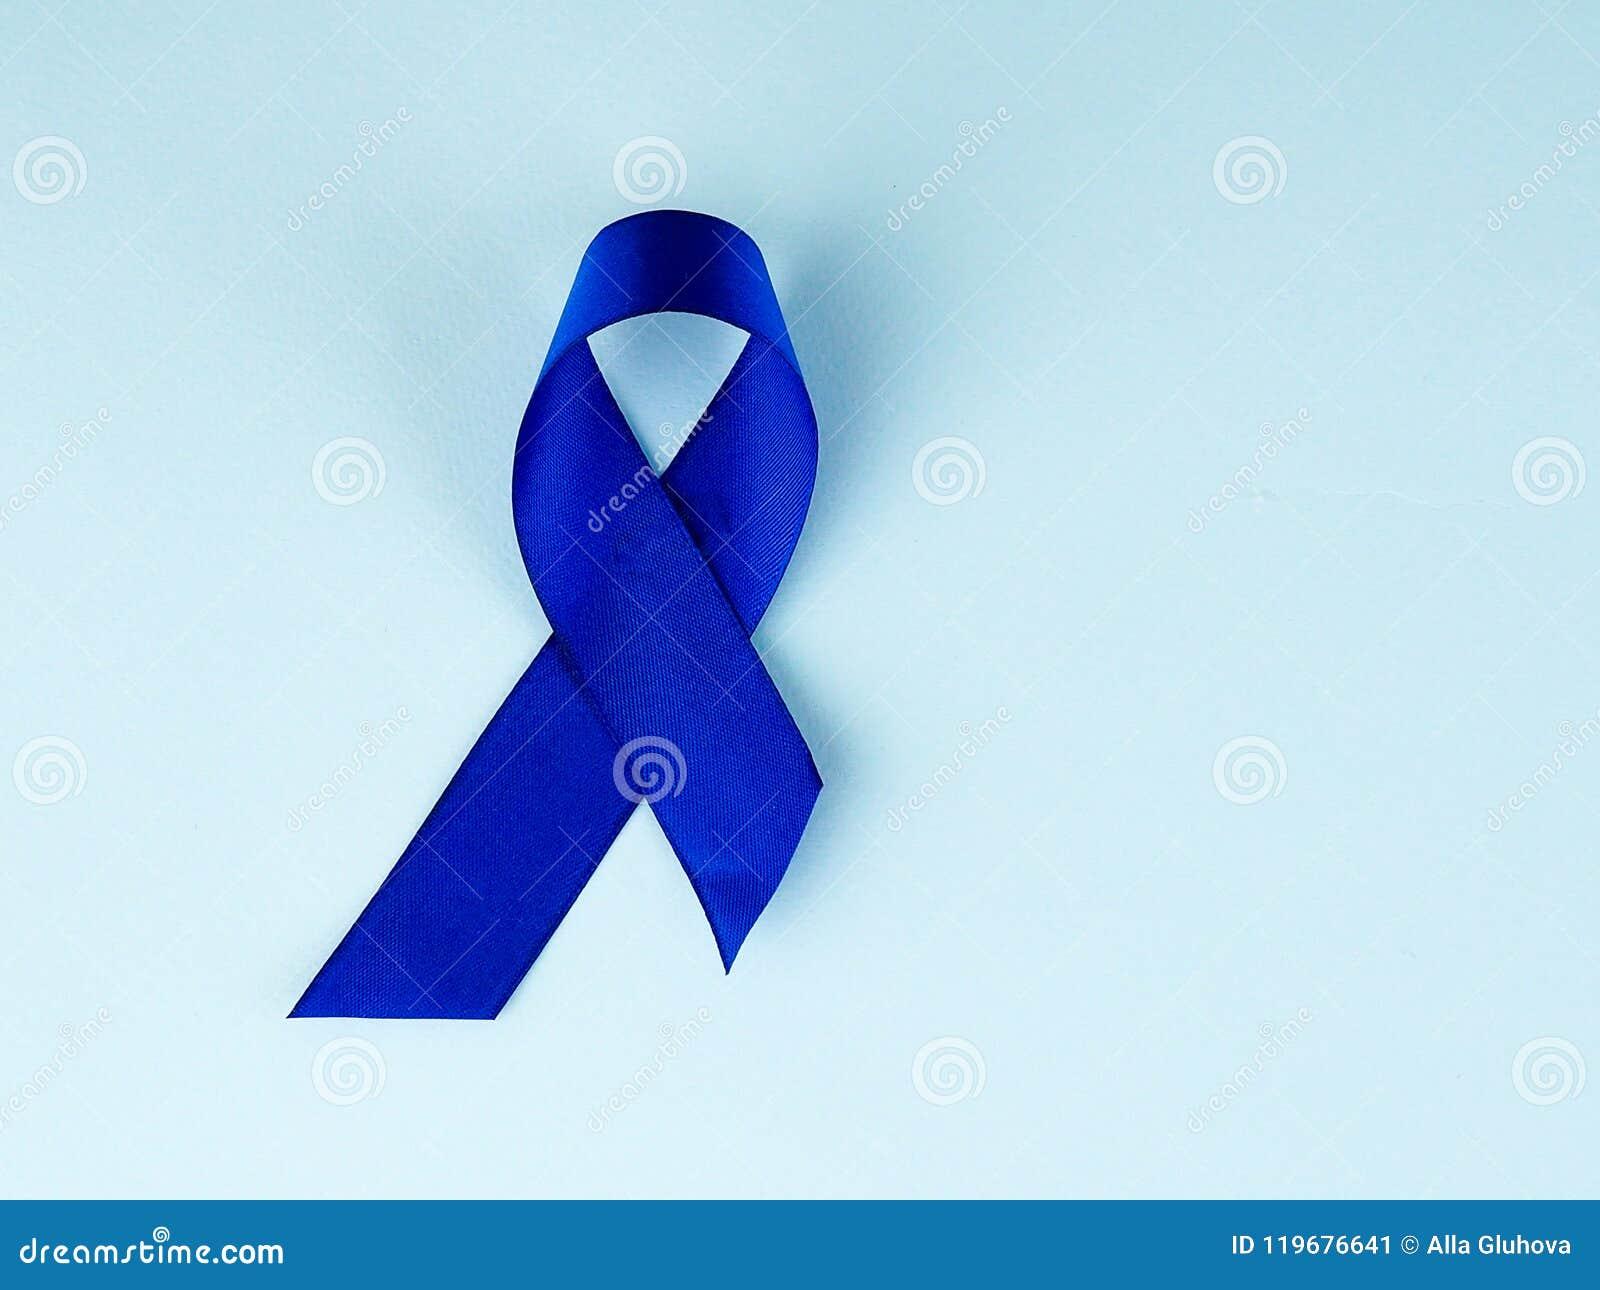 Blue Ribbon Awarenesslon Cancer Colorectal Cancer Child Abuse